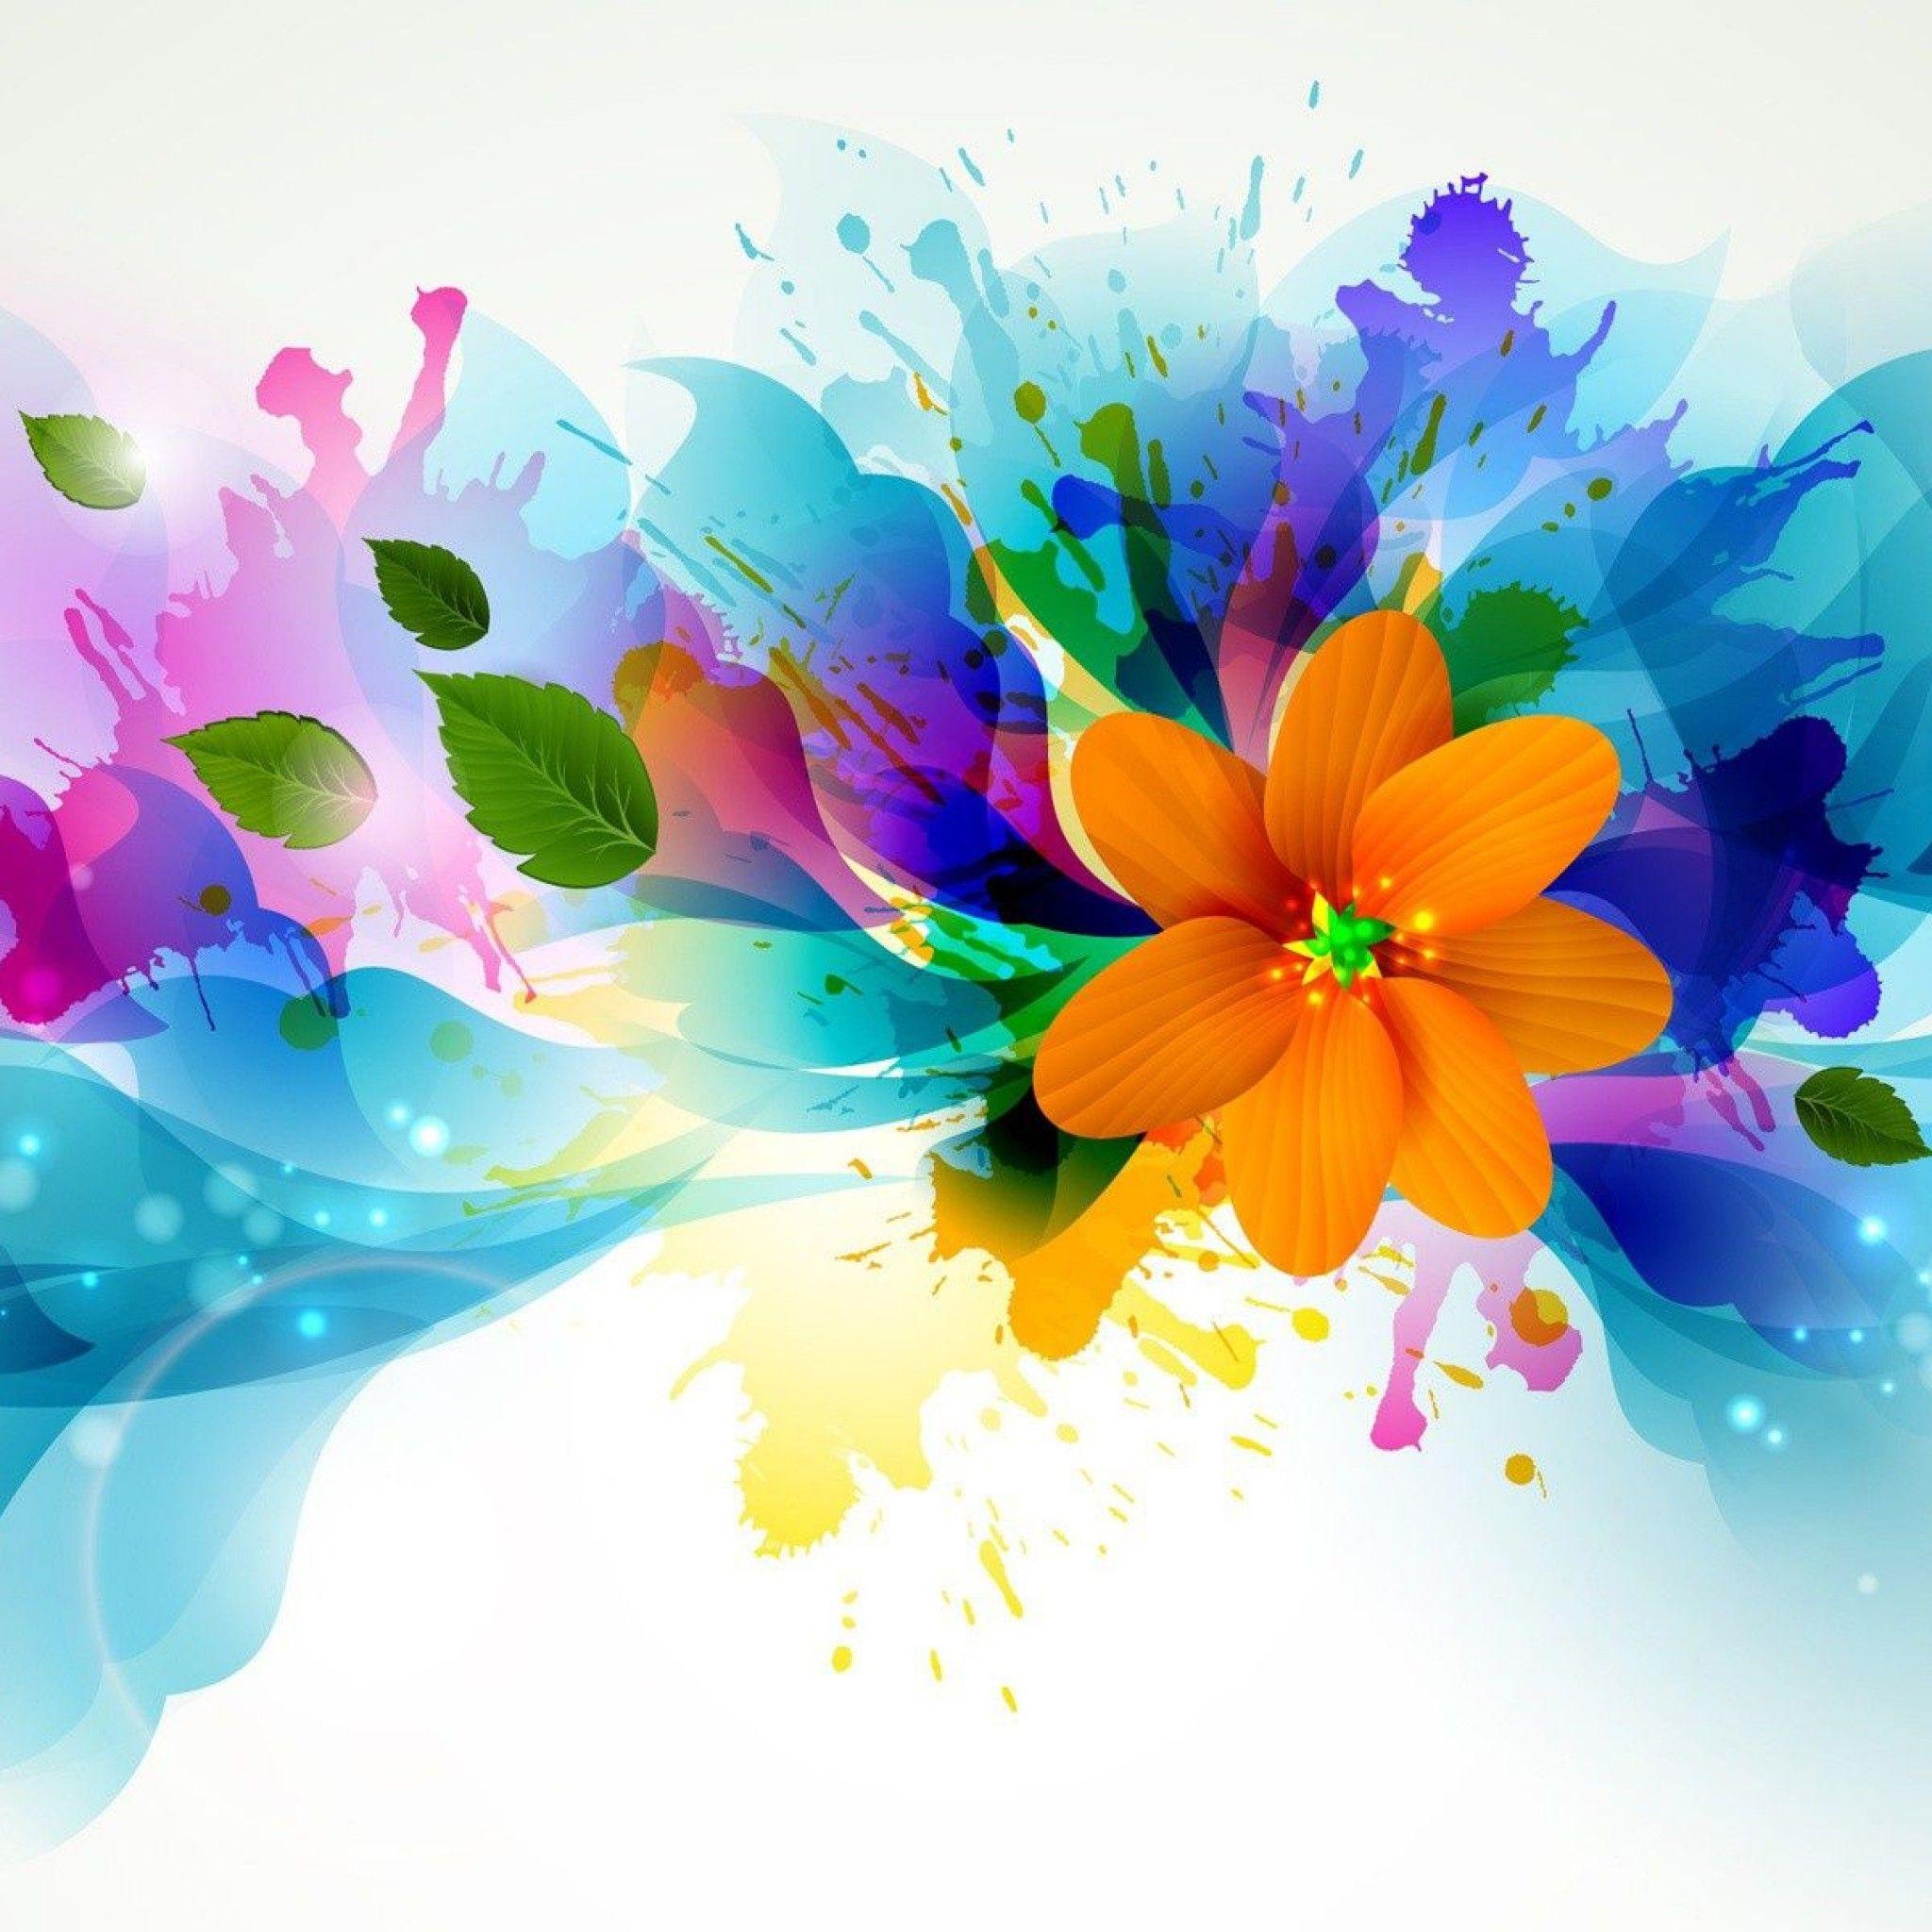 Abstract Design Flower Wallpaper Abstract flower art